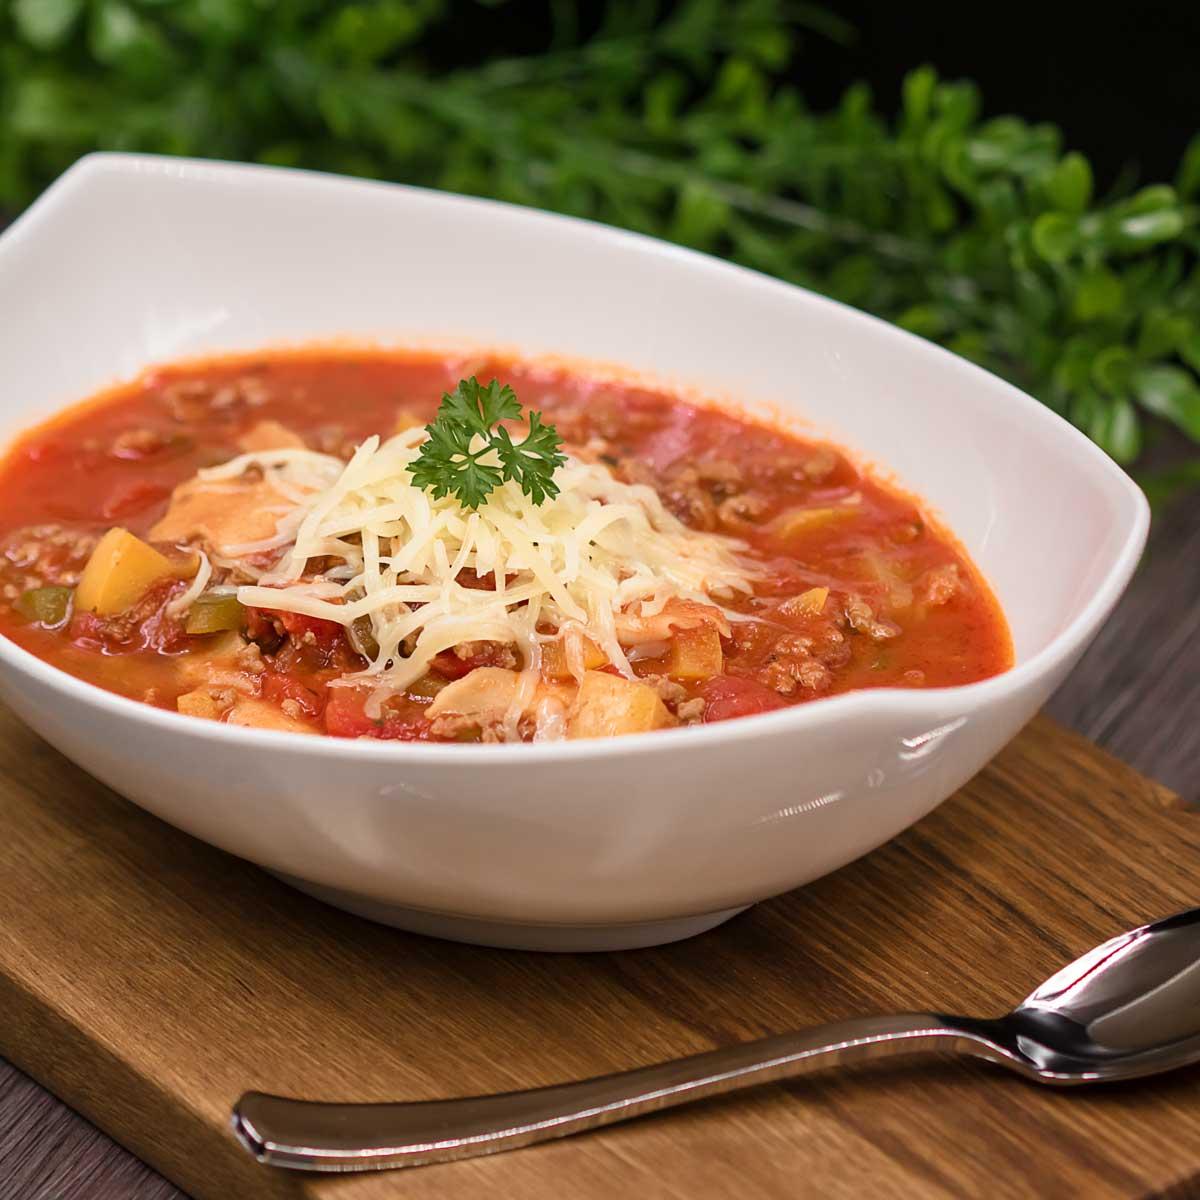 Die Lasagnen-Suppe ist lecker, ohne Kohlenhydrate und ohne Gluten!